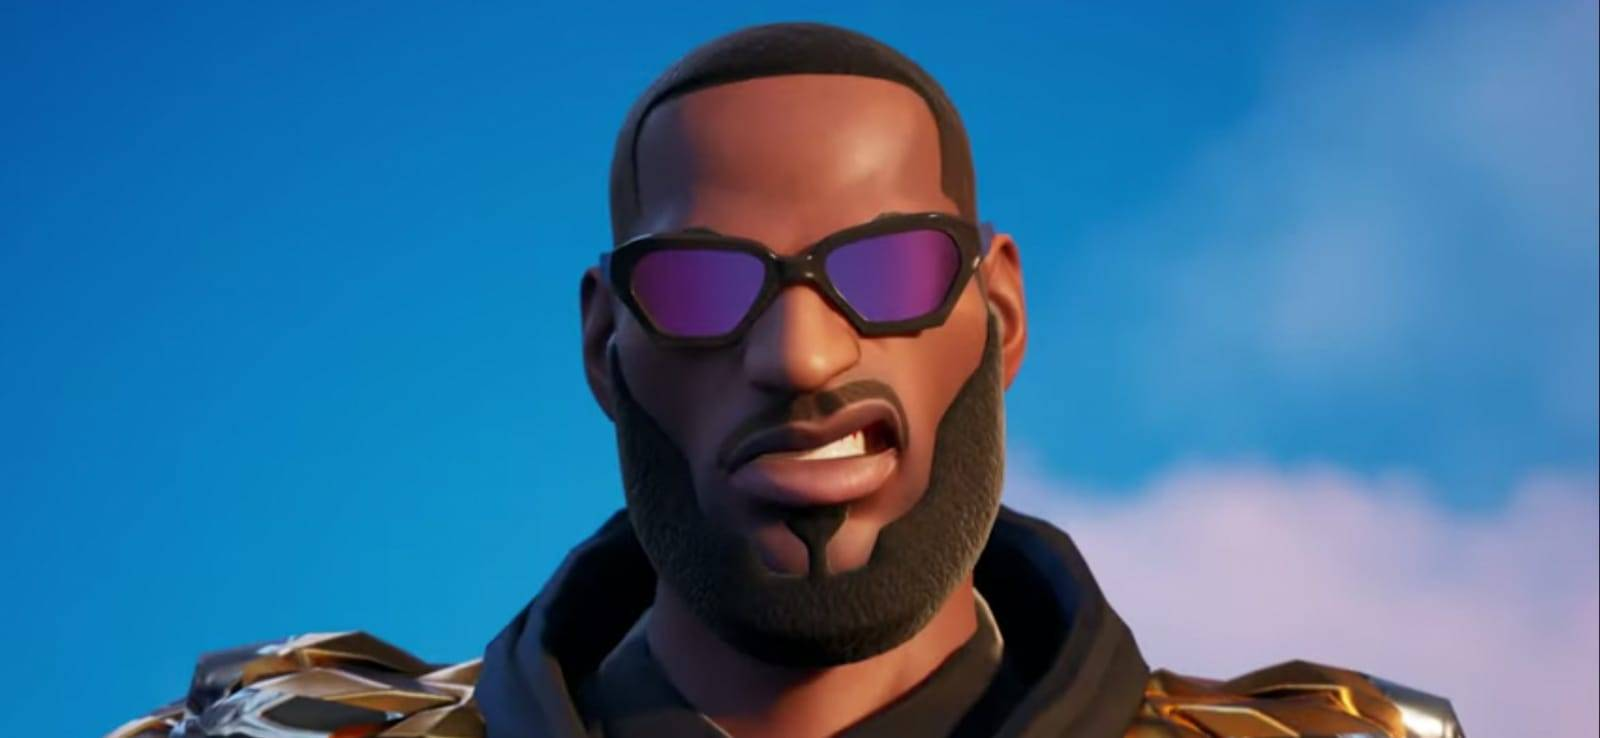 El Rey LeBron James llega a Fortnite 1